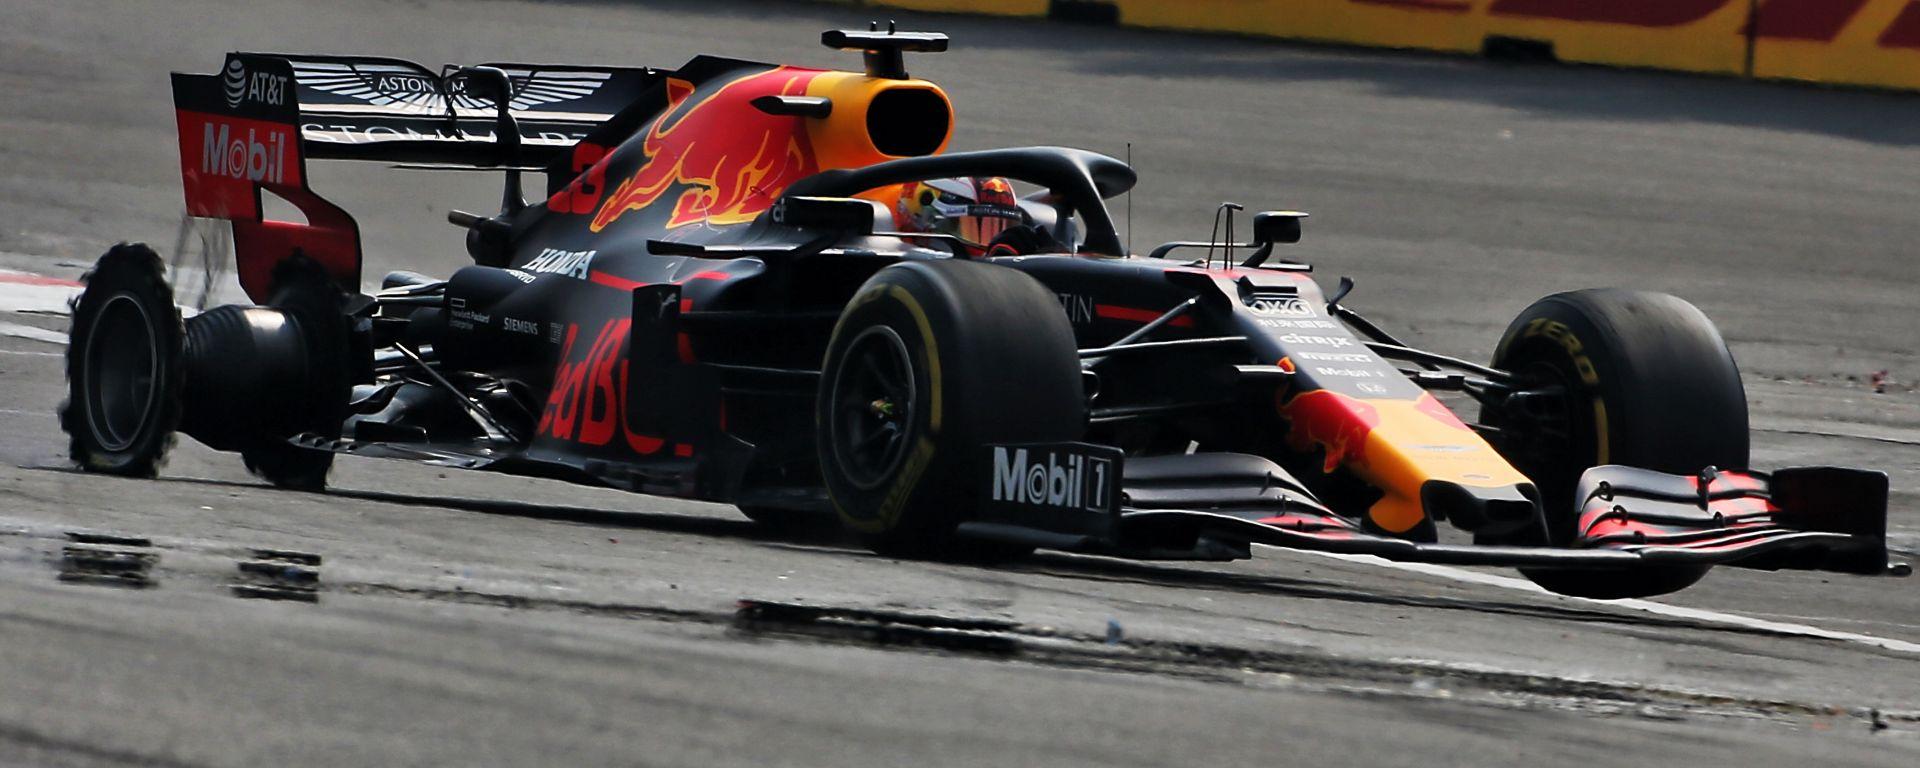 """Verstappen, occasione sprecata:""""Non il risultato che volevo"""""""